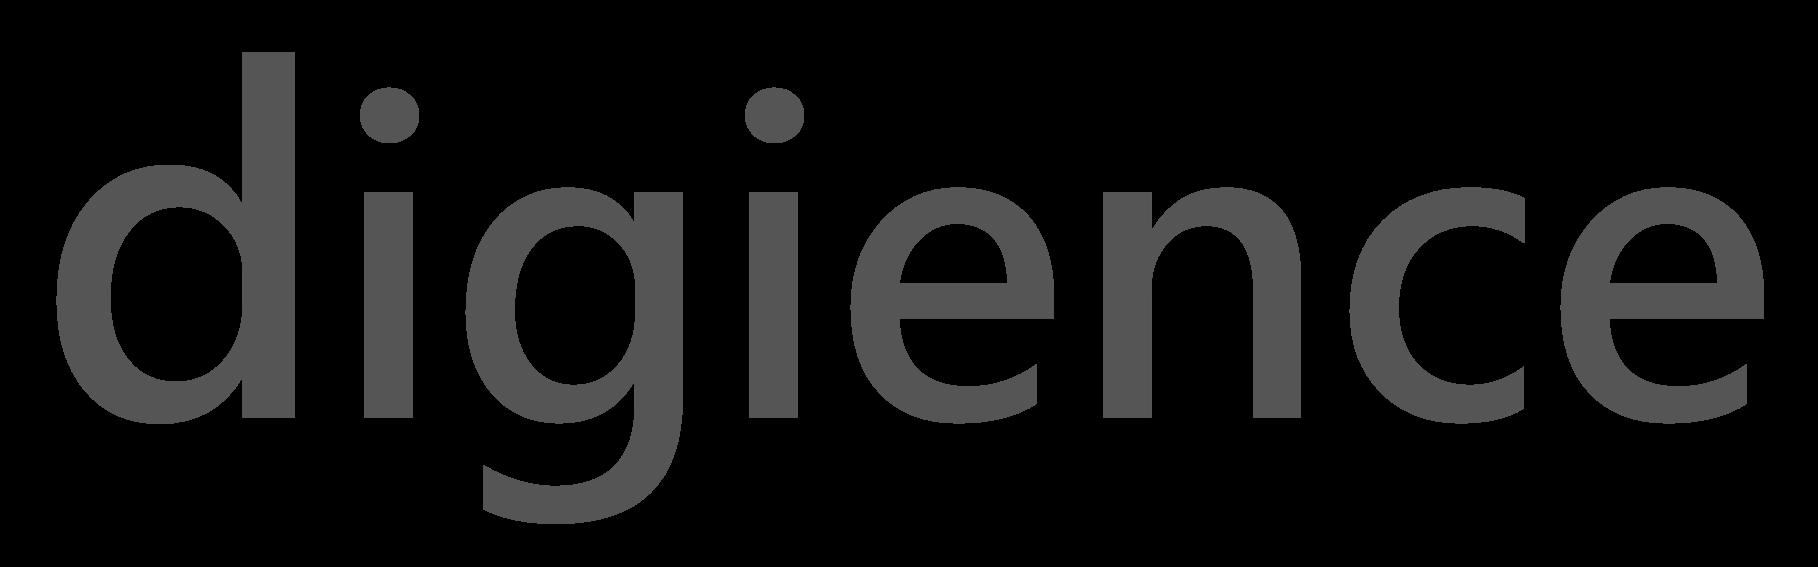 株式会社ディジエンス(Digience Inc.)